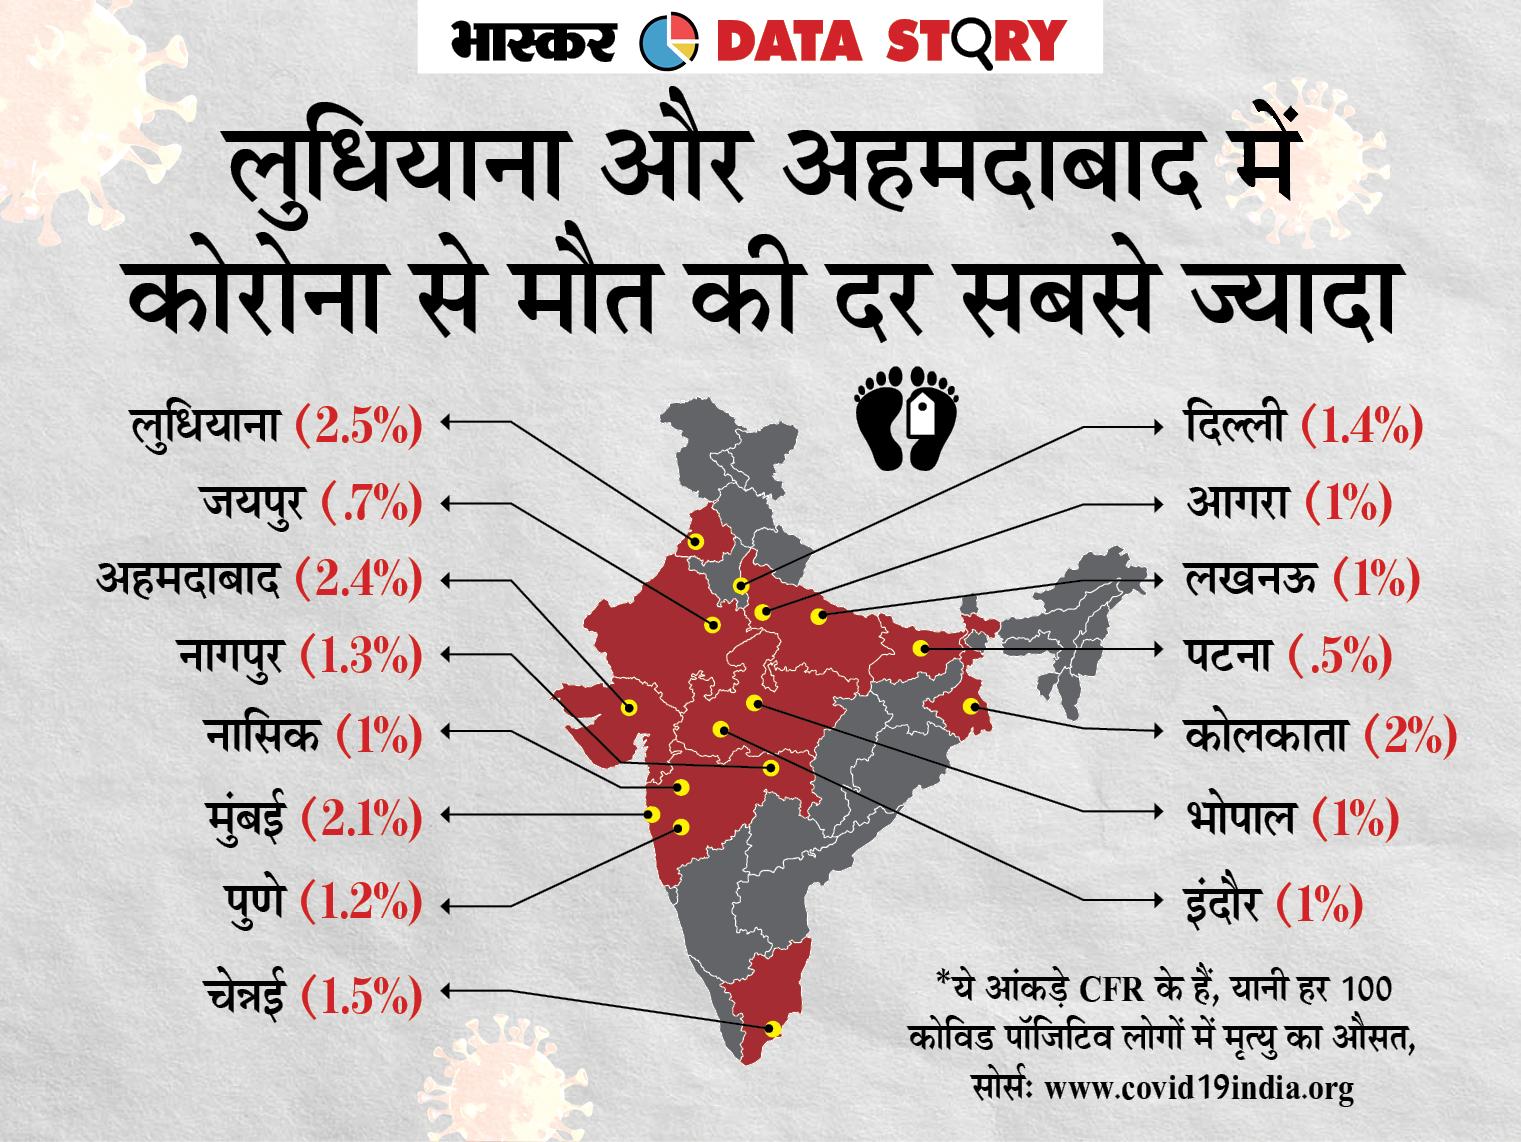 लुधियाना की कोरोना मृत्यु दर देश में सबसे अधिक, अहमदाबाद में हर 100 कोविड पॉजिटिव में से 2 से ज्यादा की मौत DB ओरिजिनल,DB Original - Dainik Bhaskar